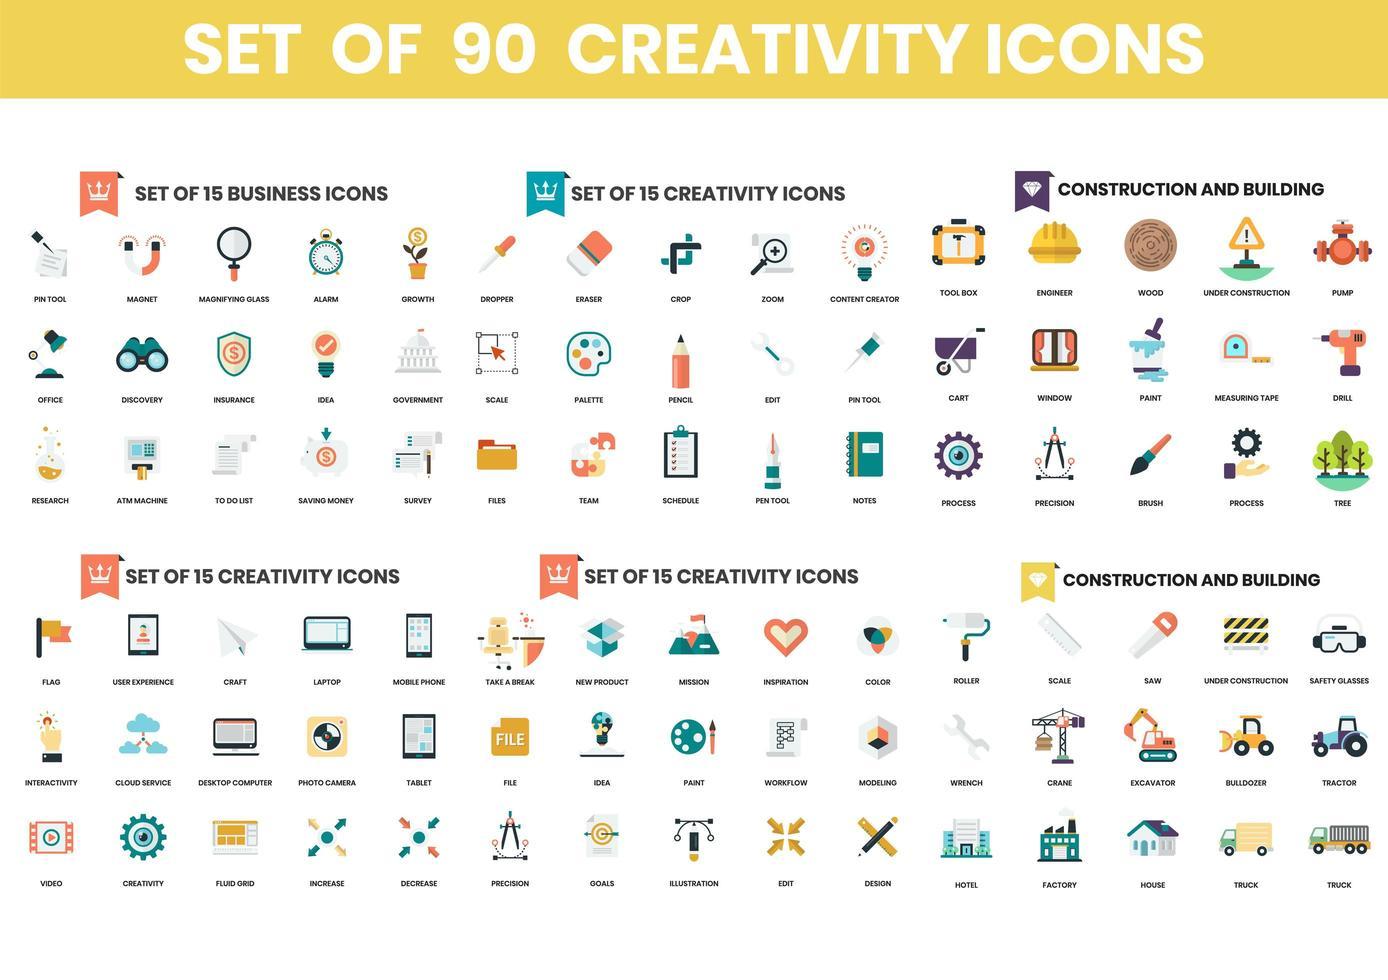 conjunto de 90 iconos de creatividad y construcción vector